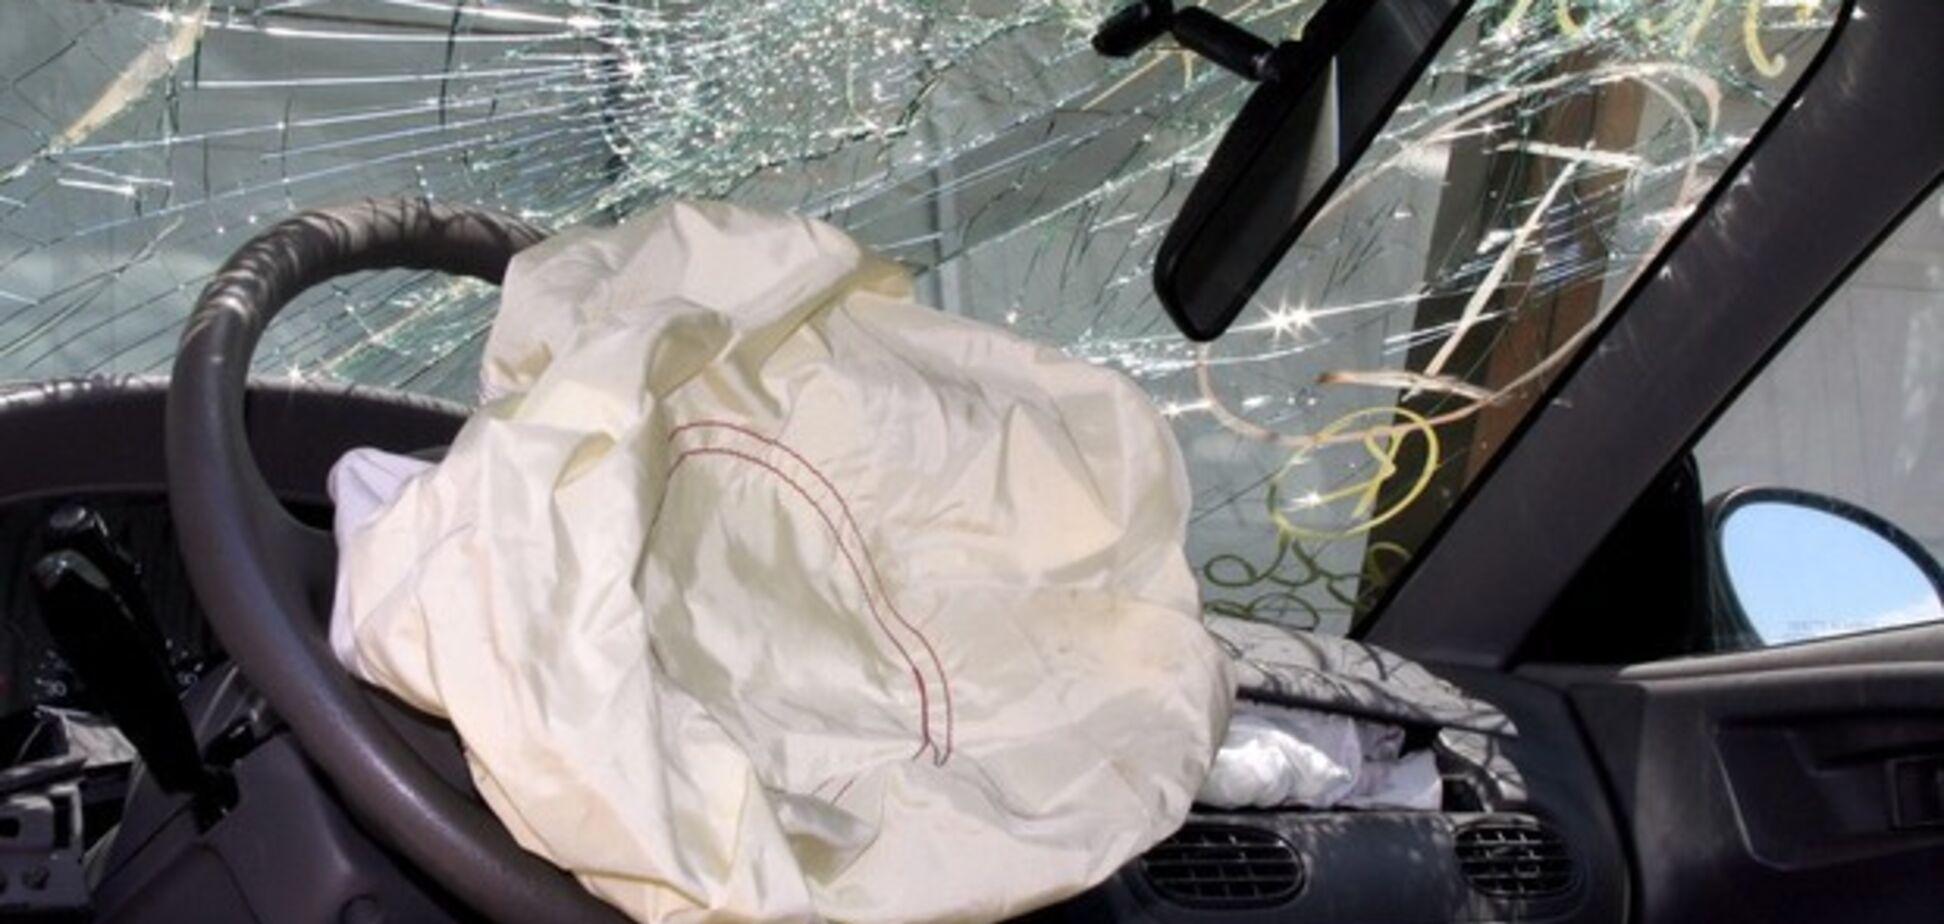 В Днепре во дворе жилого дома гранатой взорвали авто: все подробности ЧП